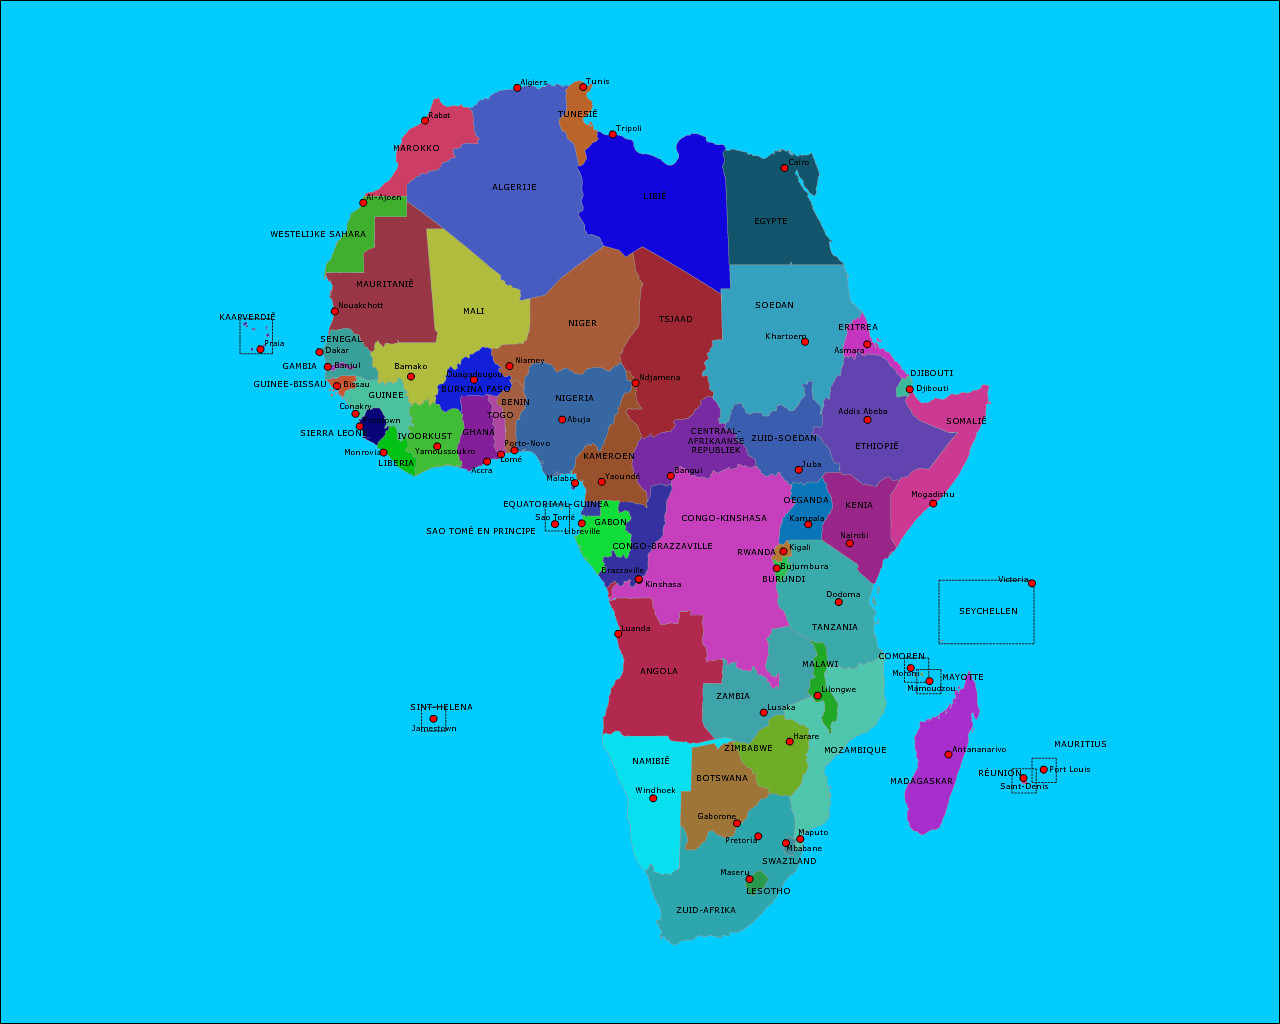 landen-en-hoofdsteden-afrika